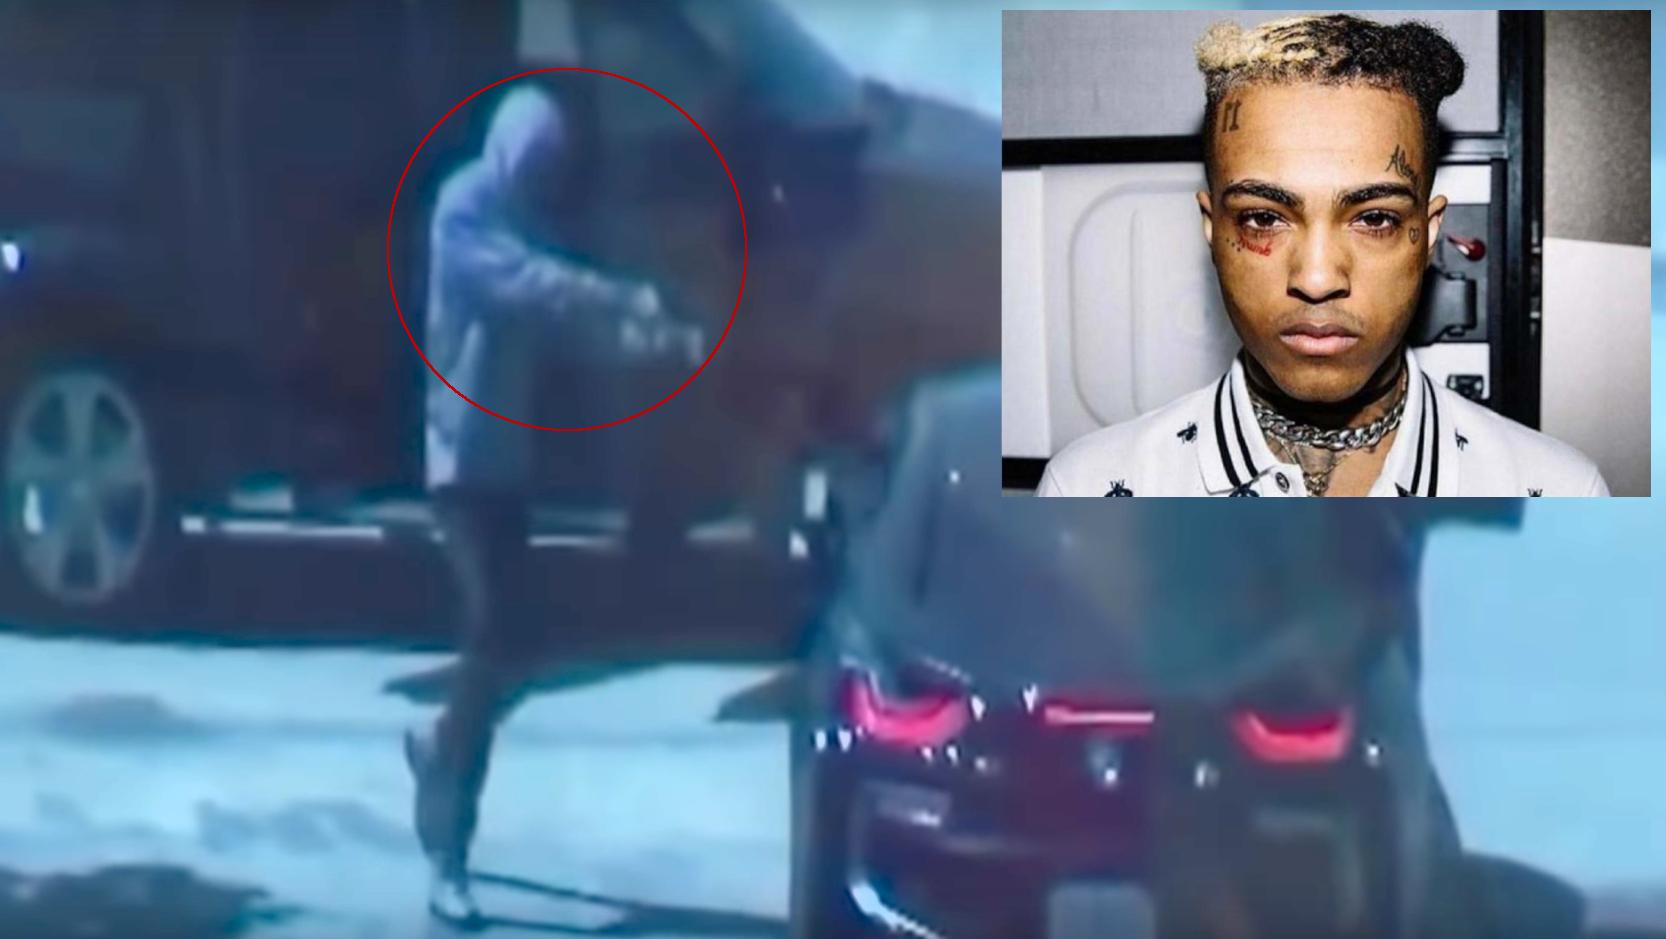 Filtran video sobre el asesinato del rapero XXXTentacion